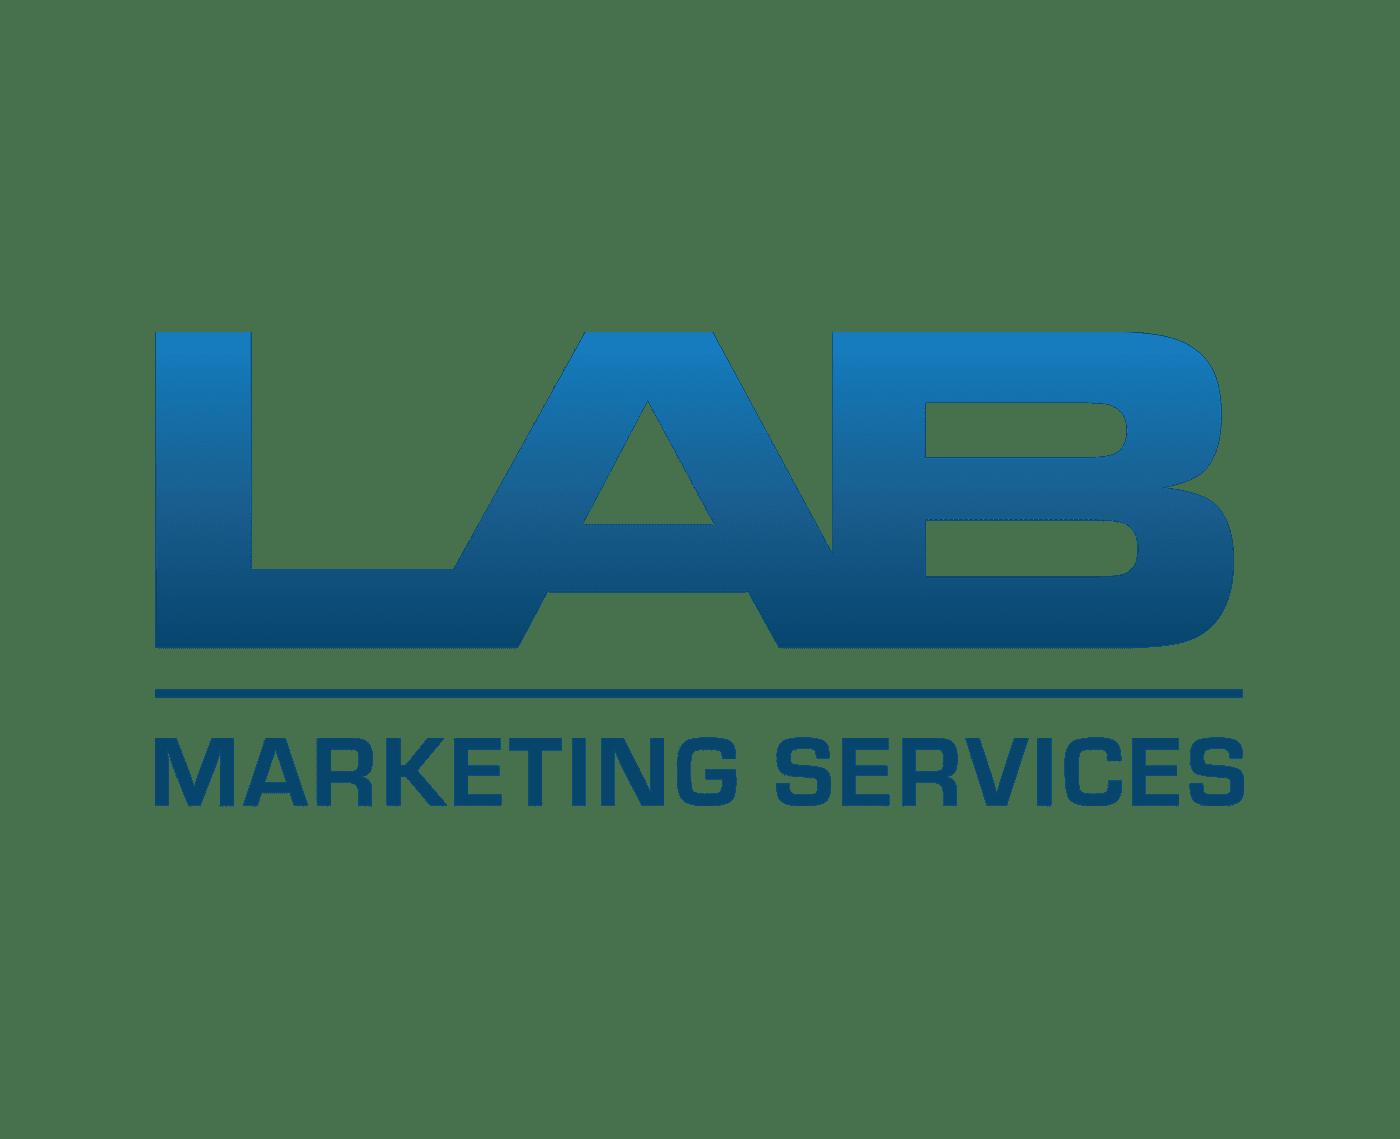 lab marketing services logo design concept by ryan bickett